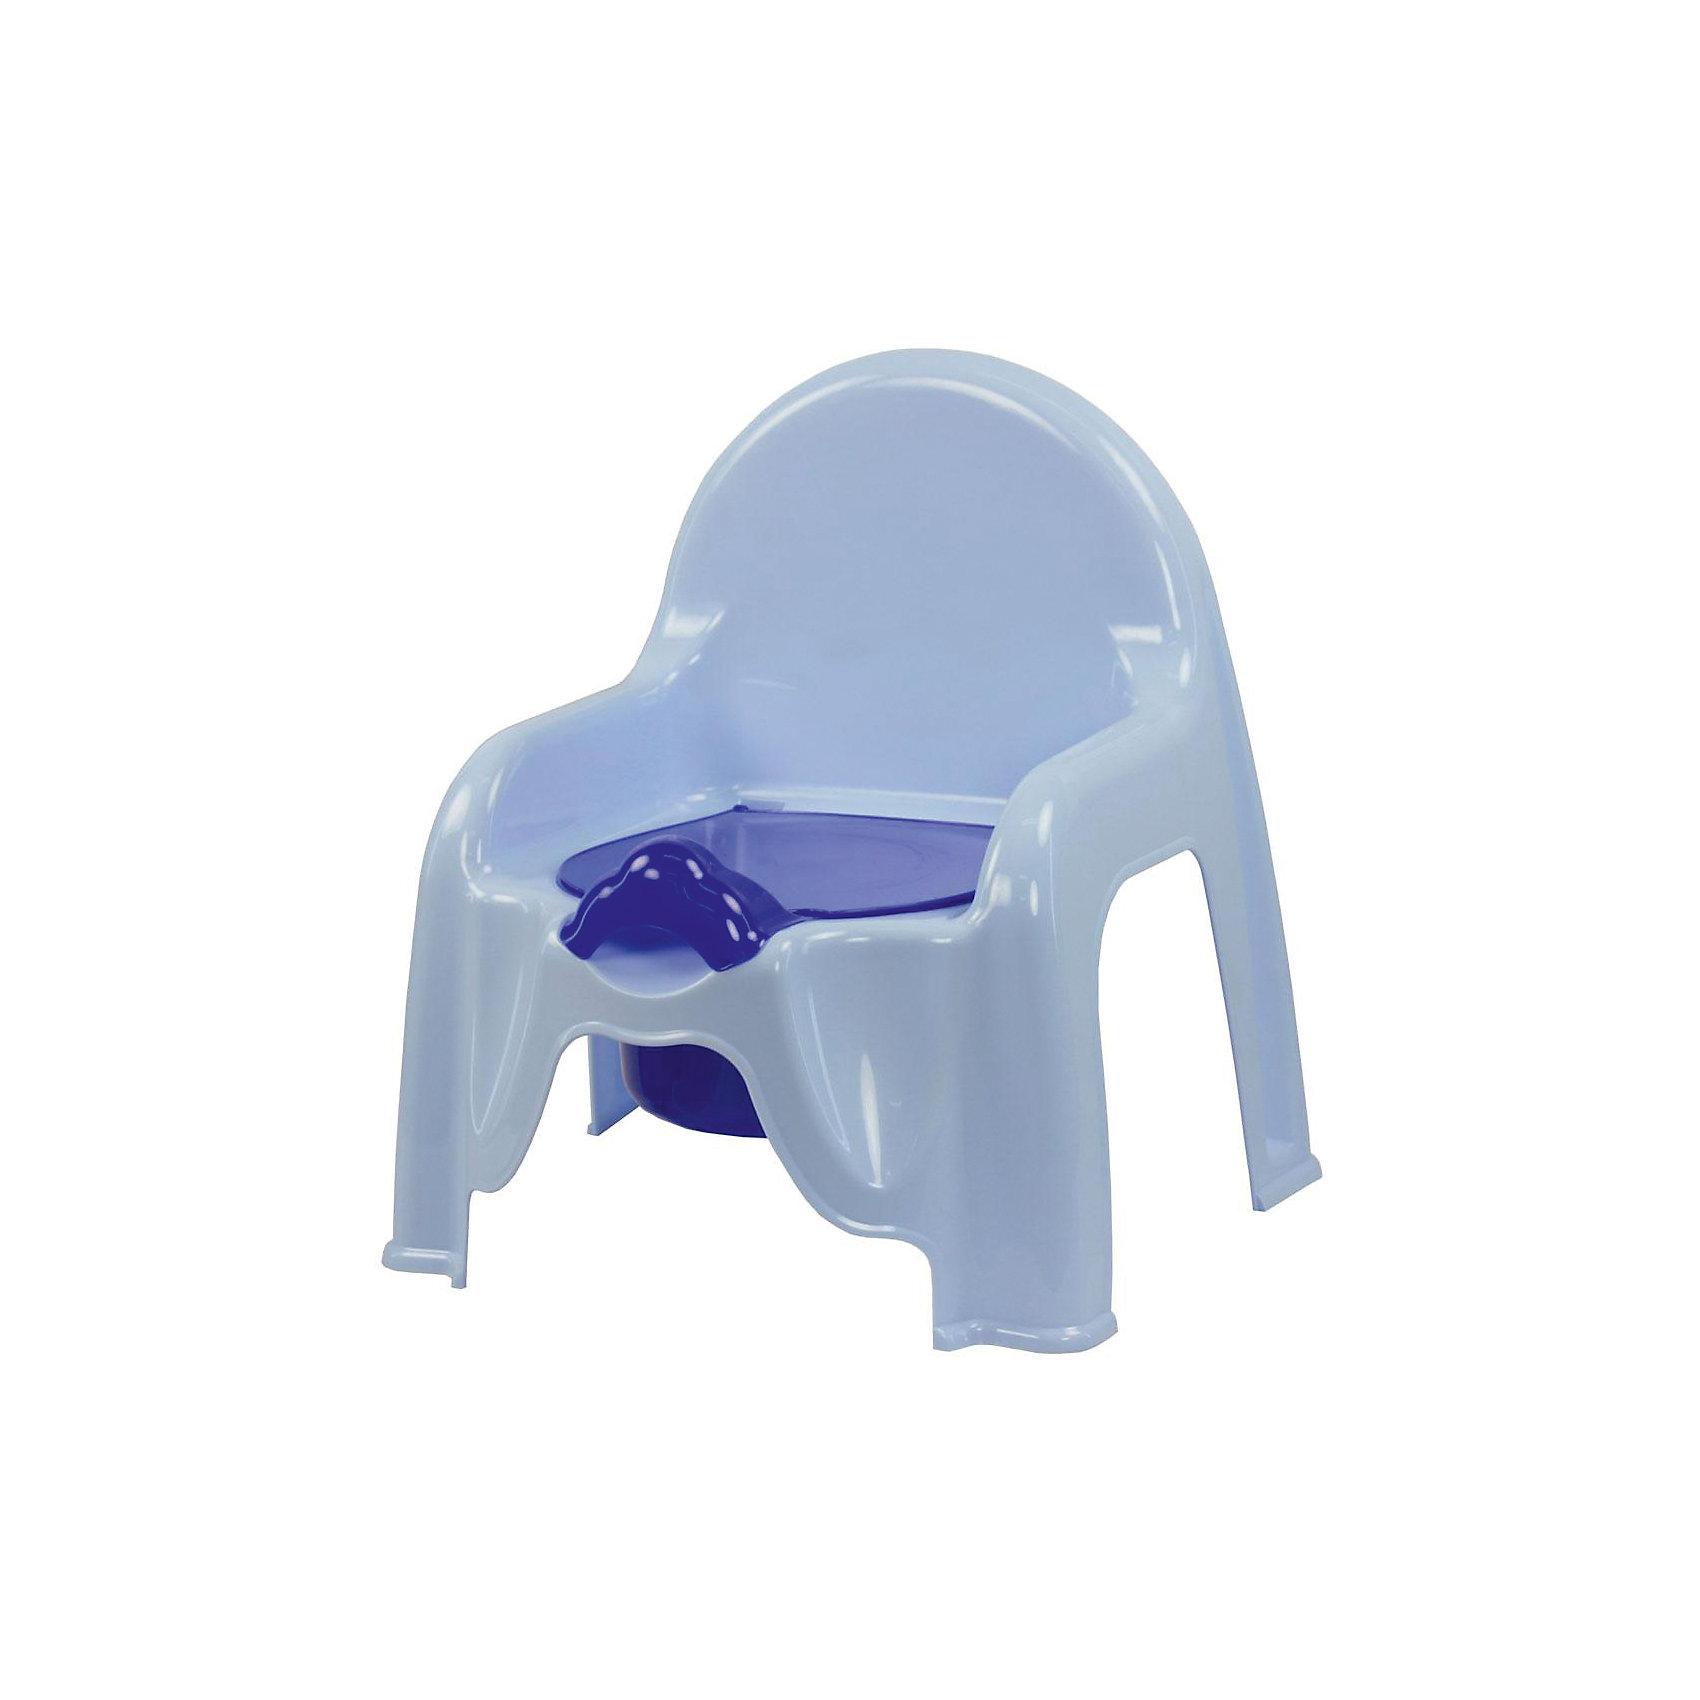 Горшок-стульчик , Alternativa, голубойГоршки, сиденья для унитаза, стульчики-подставки<br>Горшок-стульчик , Alternativa, голубой сделан из пластика, абсолютно безопасного для детей. Горшок сделан в форме стула: спинка и два небольших подлокотника, что создаст удобство ребёнку. Горшок Малышок отлично подойдет для того, чтобы приучить ребёнка ходить в туалет самостоятельно. <br><br>Дополнительная информация:<br>-Размер(ДхШхВ):45,5 х11х22 см<br>-Цвет: голубой<br>-Марка: Alternativa<br><br>Горшок-стульчик , Alternativa, голубой вы можете приобрести в нашем интернет-магазине.<br><br>Ширина мм: 290<br>Глубина мм: 255<br>Высота мм: 345<br>Вес г: 439<br>Возраст от месяцев: -2147483648<br>Возраст до месяцев: 2147483647<br>Пол: Мужской<br>Возраст: Детский<br>SKU: 5096511